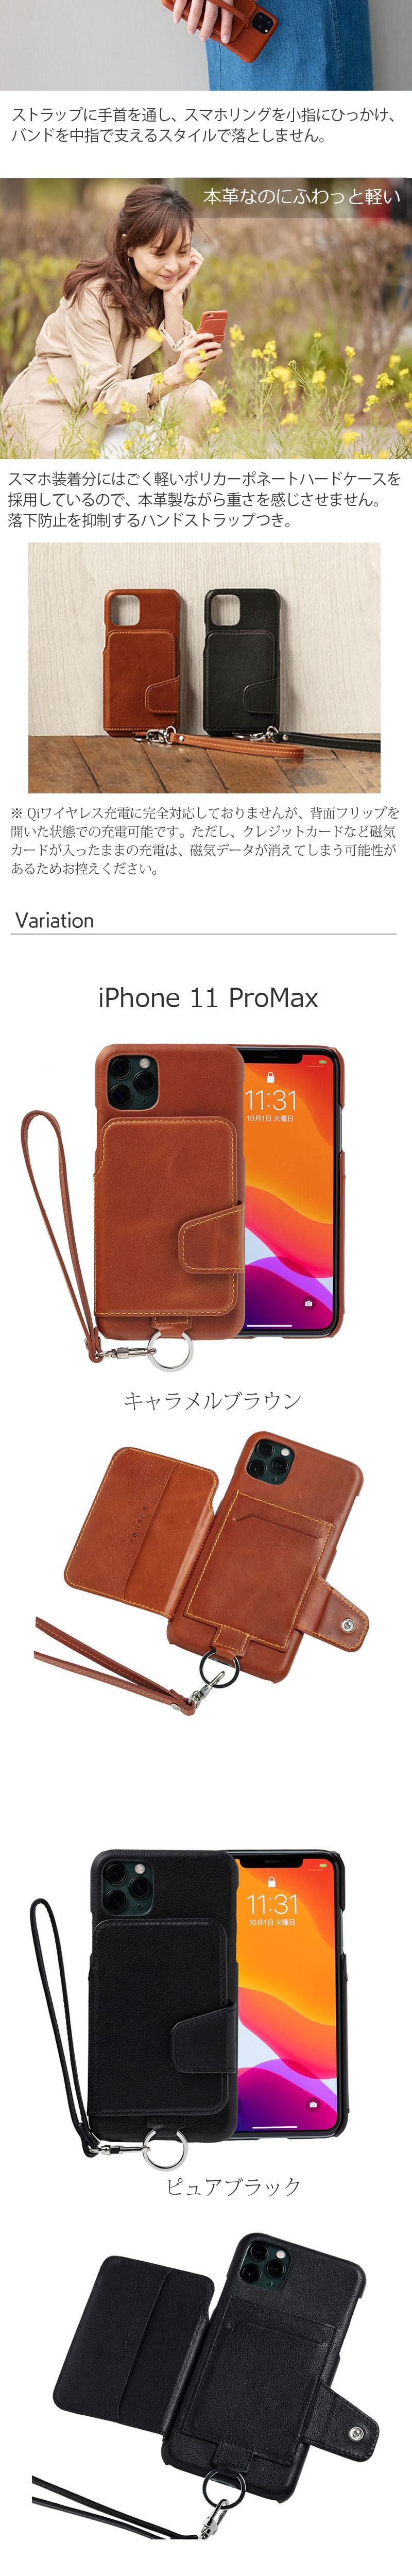 イレブン ケース iphone プロ マックス